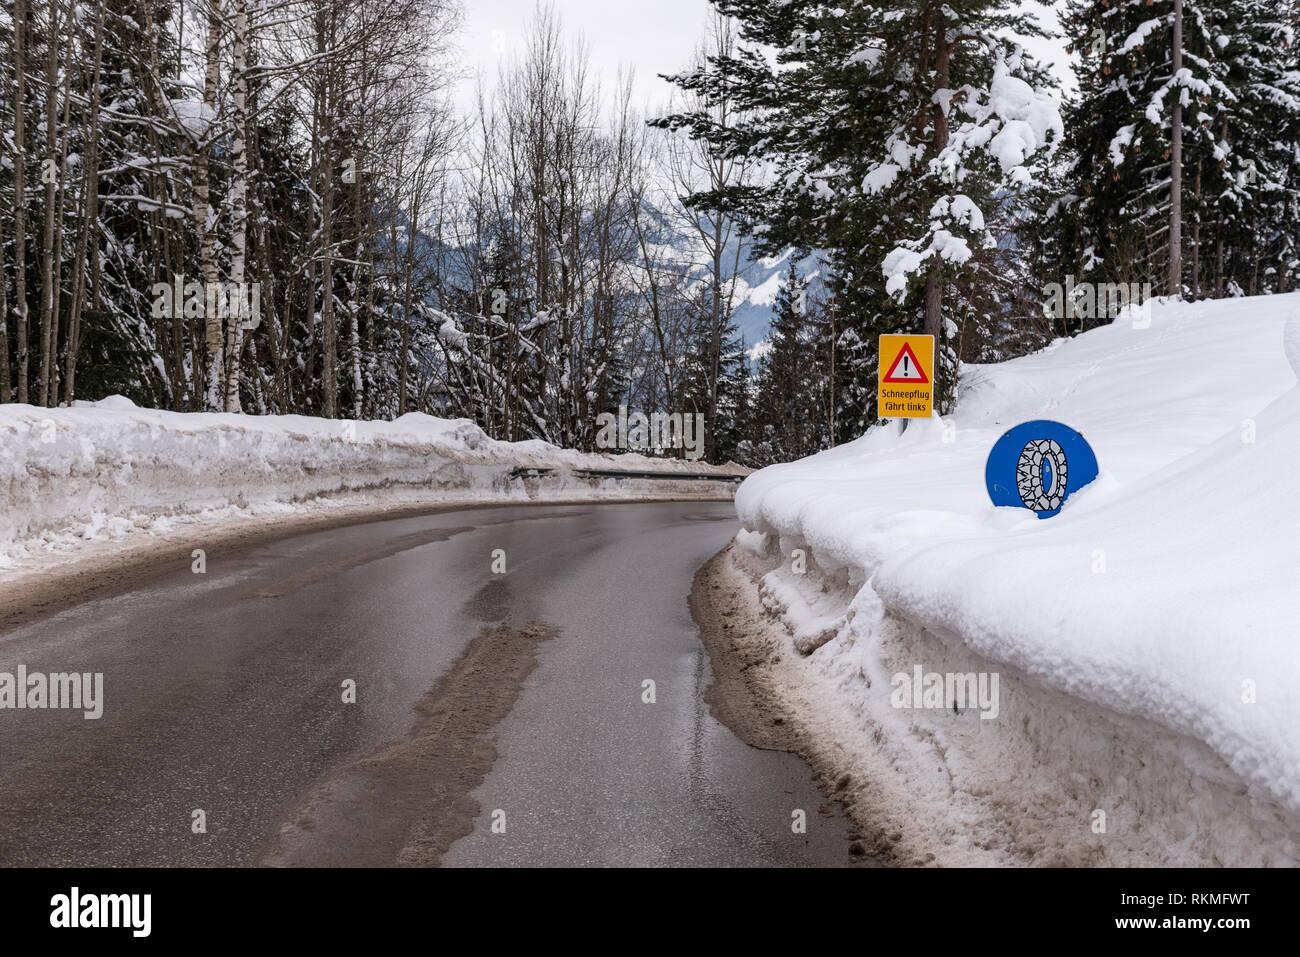 Kette Verkehrsschild, bei Schnee- und Eisglätte Warnung, Winterdienst, Schnee Kette Verpflichtung, Bezirk Liezen, Steiermark, Österreich, Europa Stockfoto